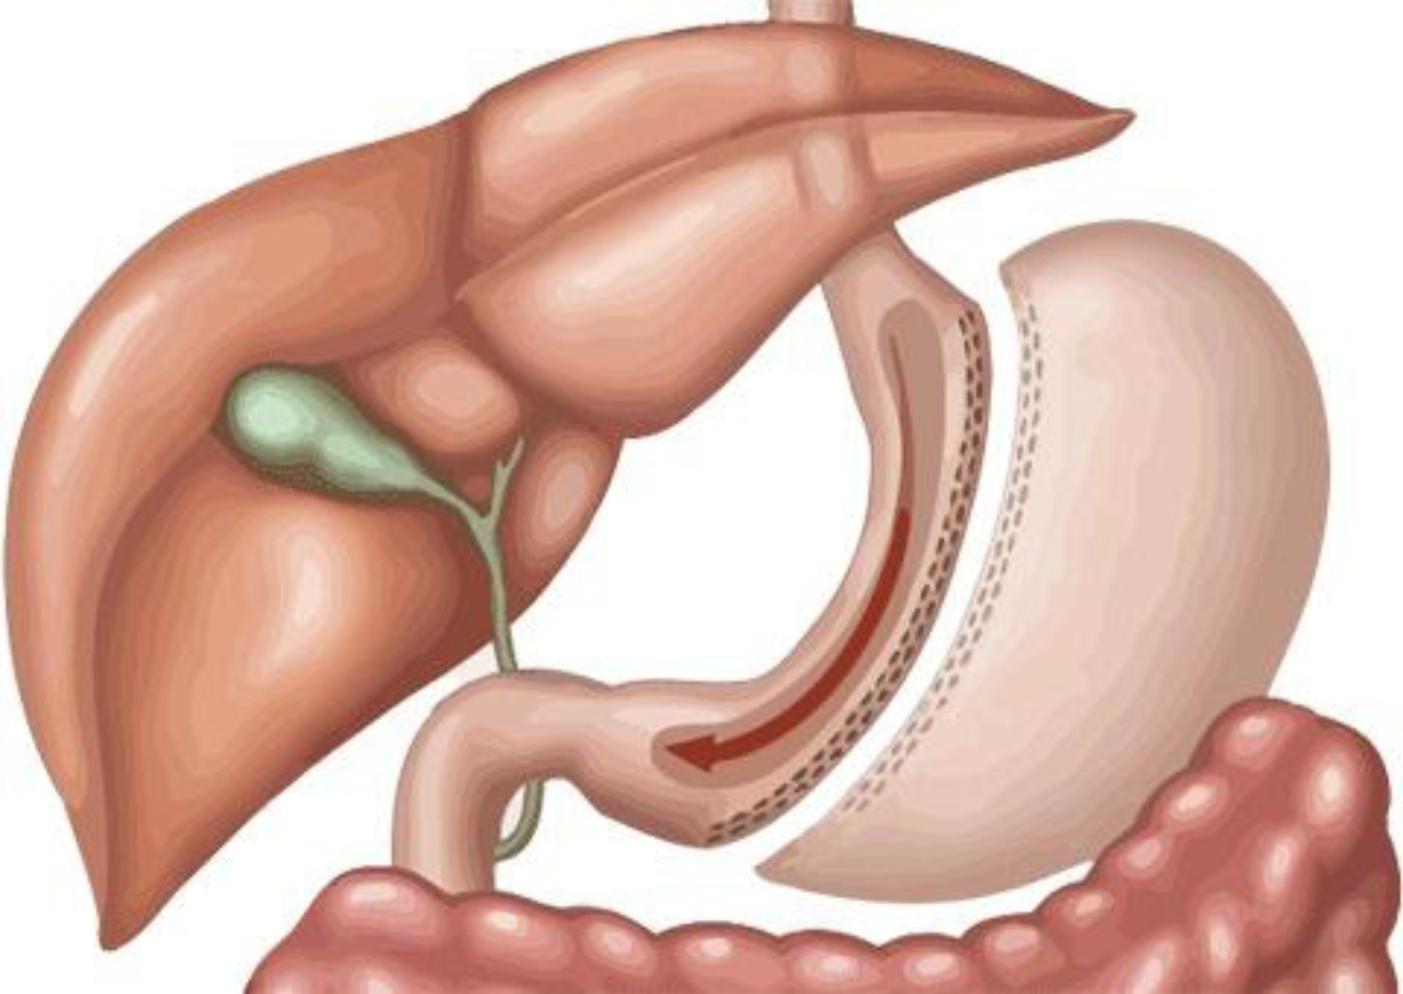 Cirugía de manga gástrica en Naucalpan